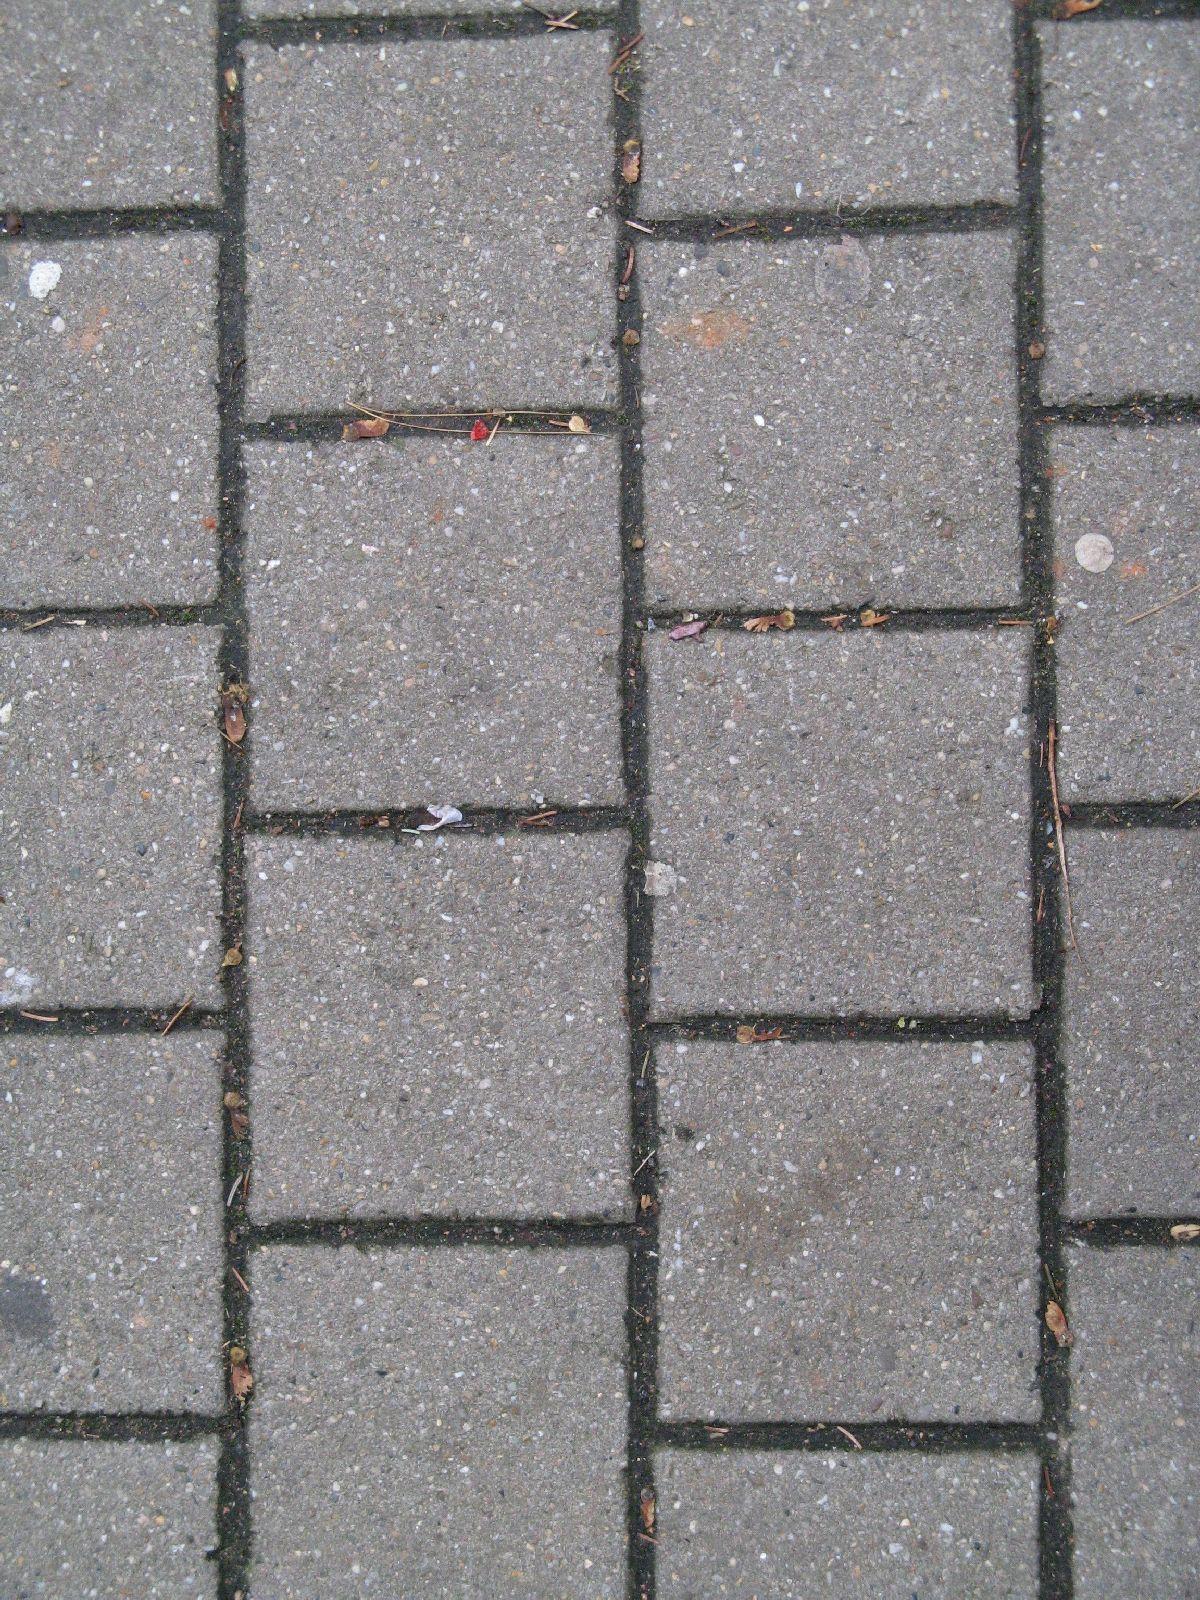 Ground-Urban_Texture_B_01947